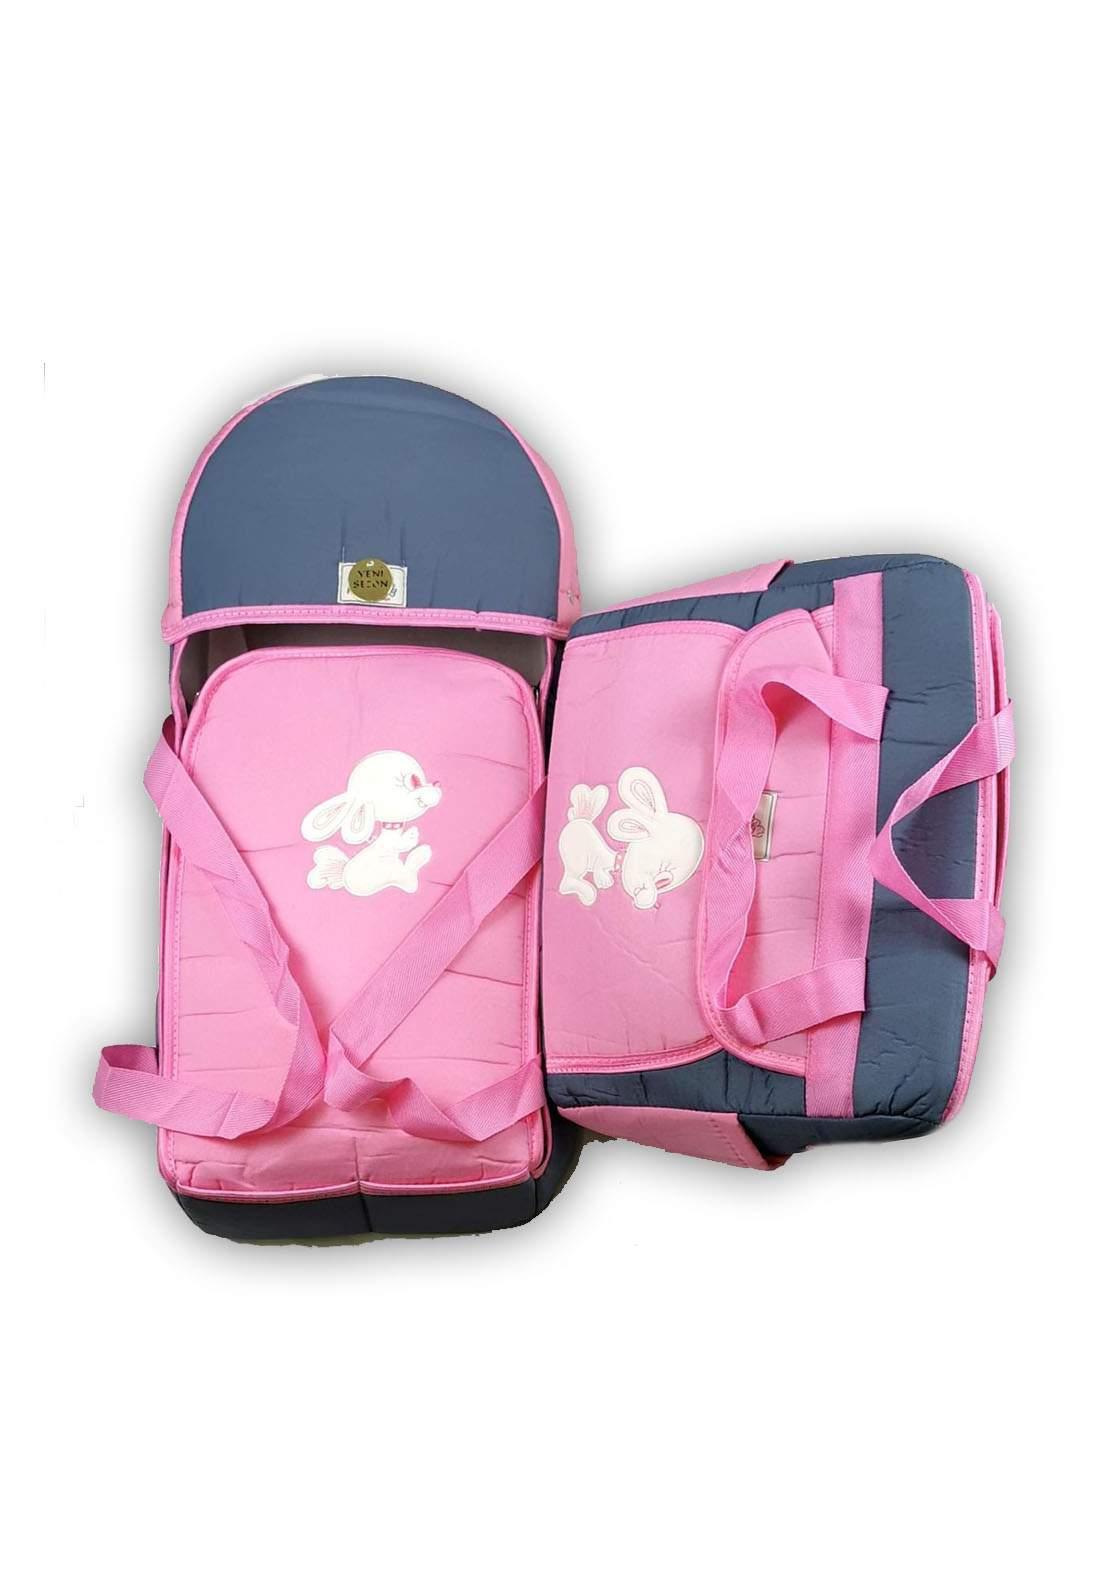 سيت حقيبة ملستزمات وسرير للاطفال